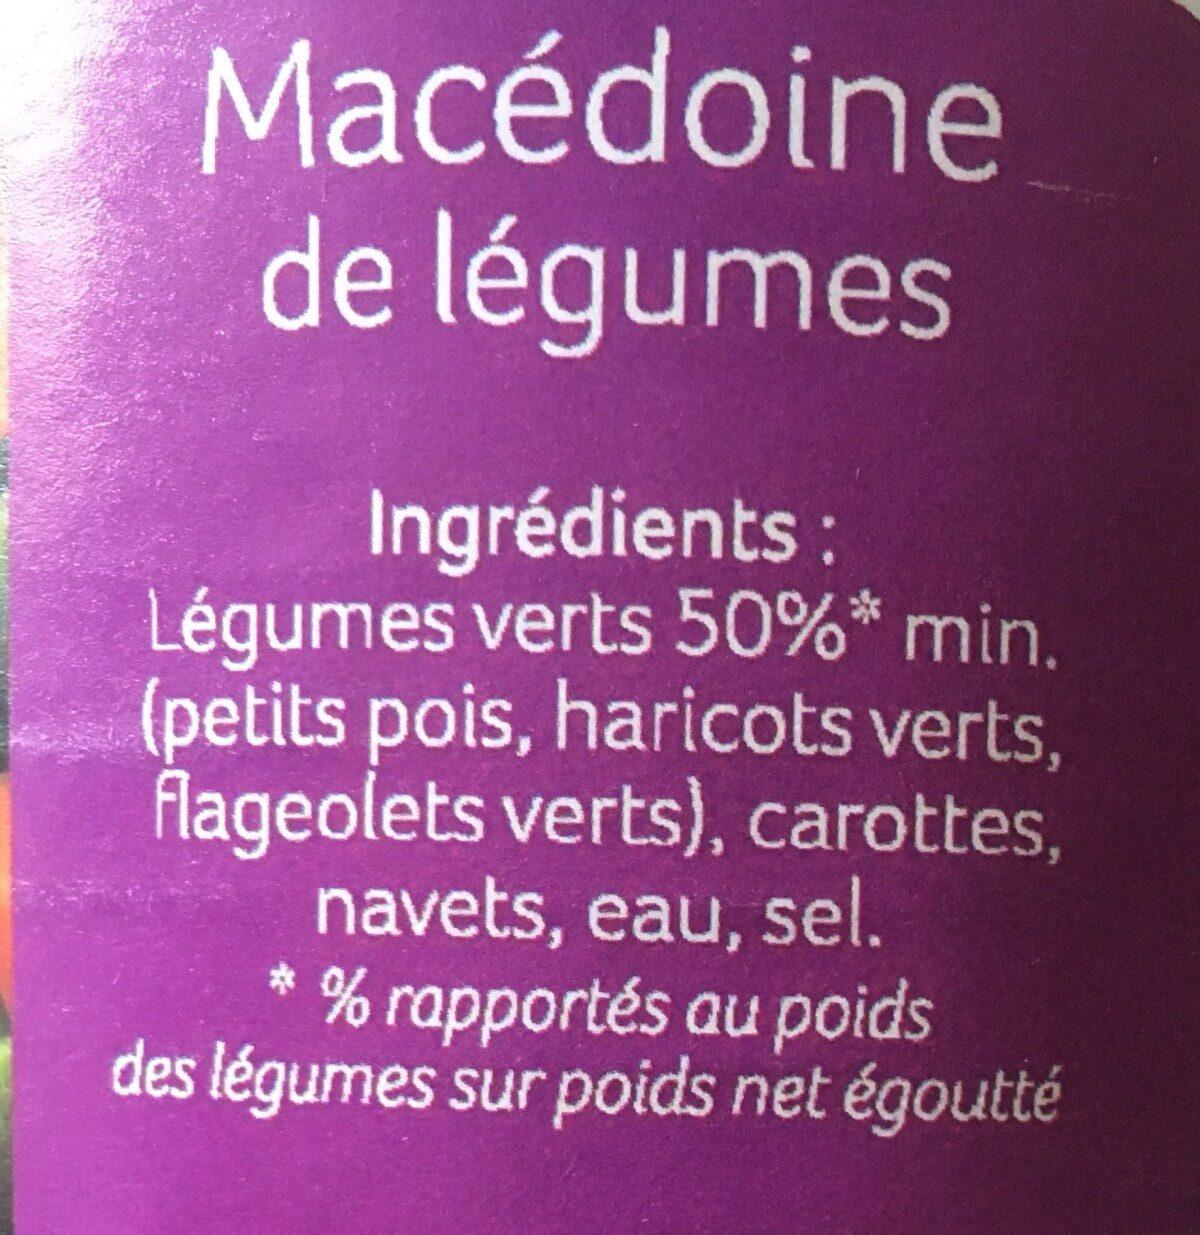 Macedoine de legumes - Ingrédients - fr